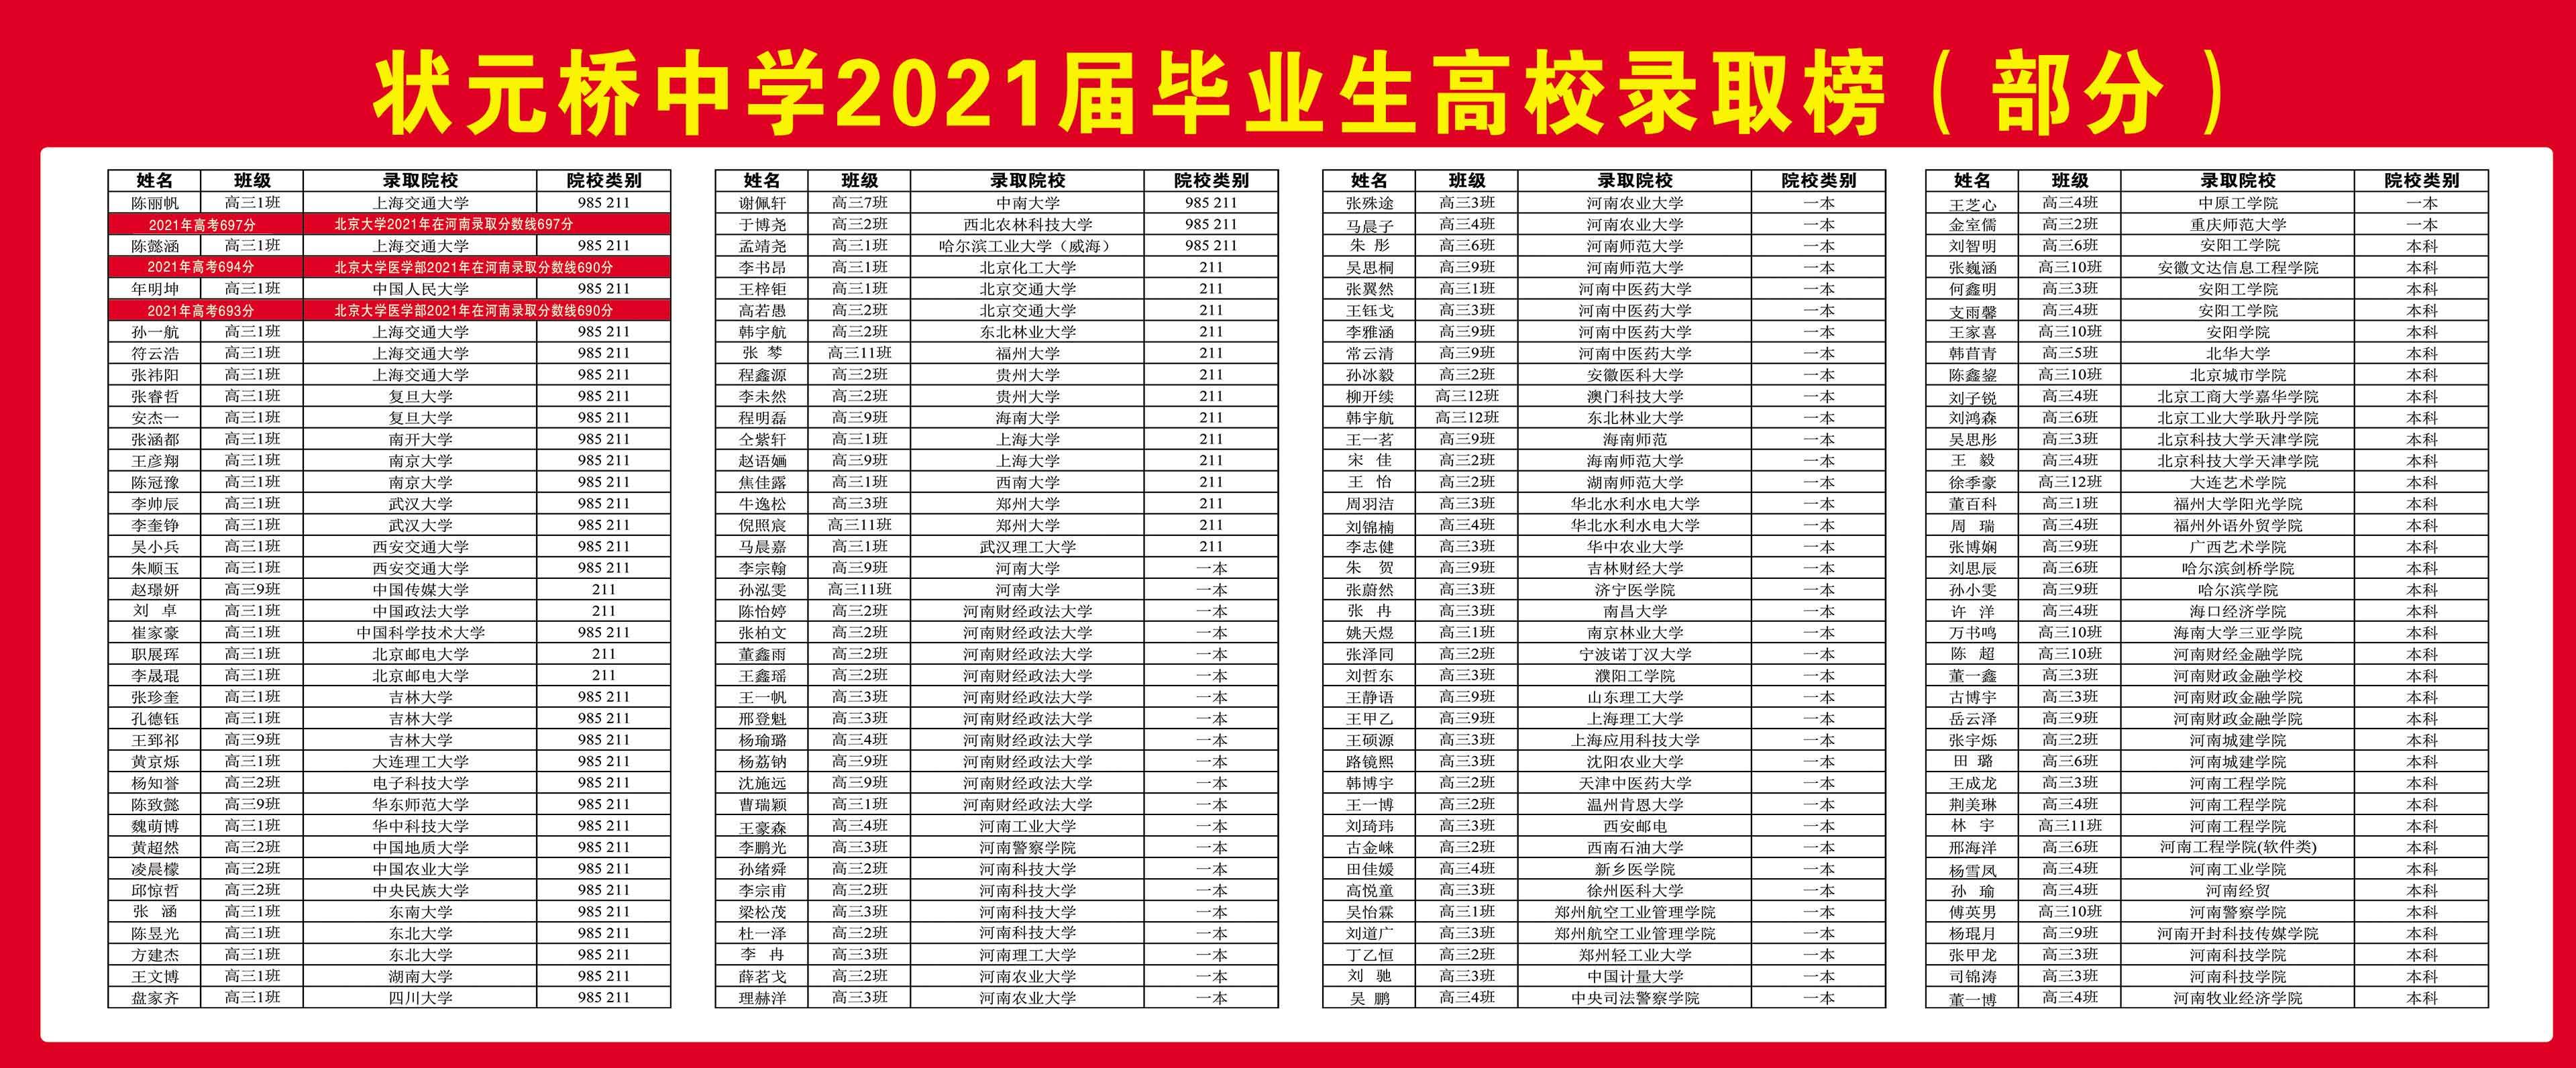 2021高校录取榜(部分)1.jpg